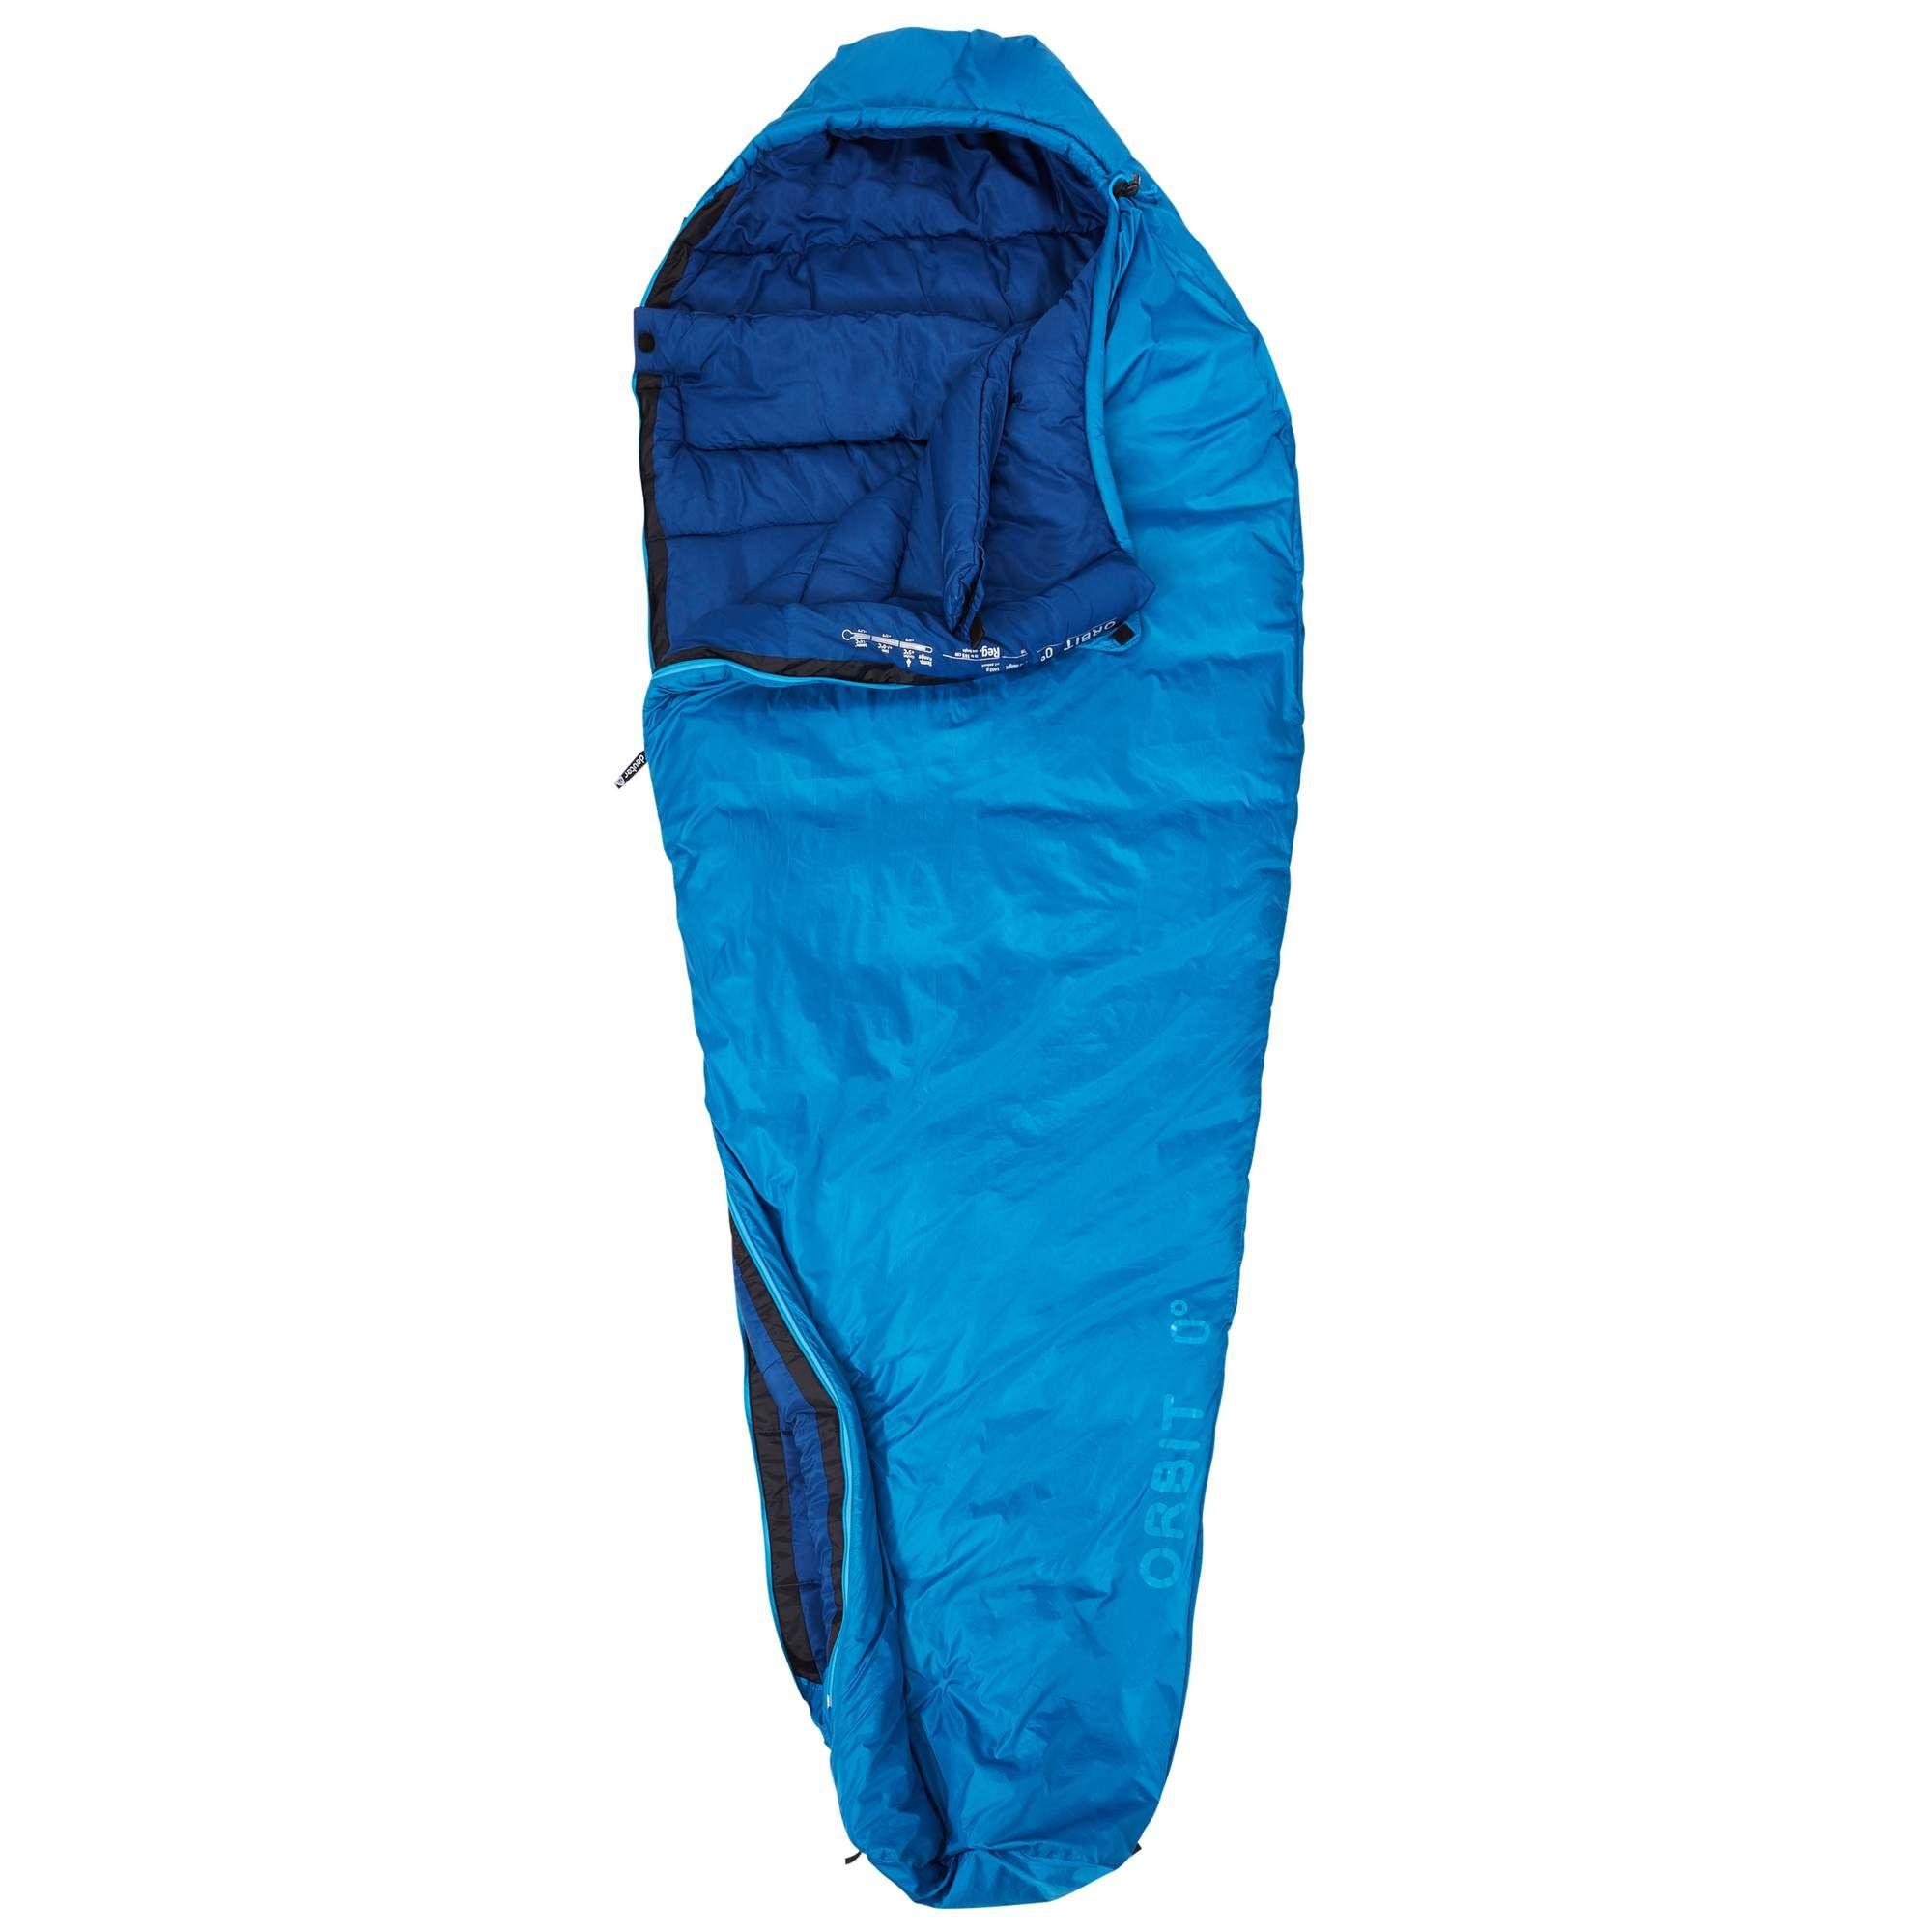 Спальный мешок Deuter Orbit 0° - фото 4